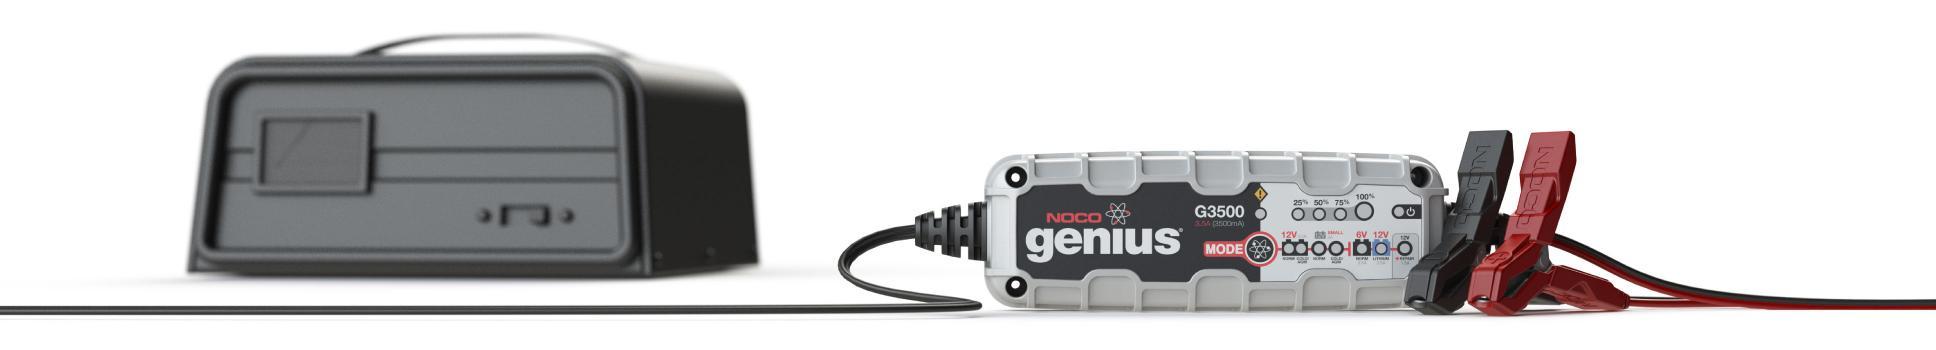 mejor cargador de bateria coche noco genius g3500